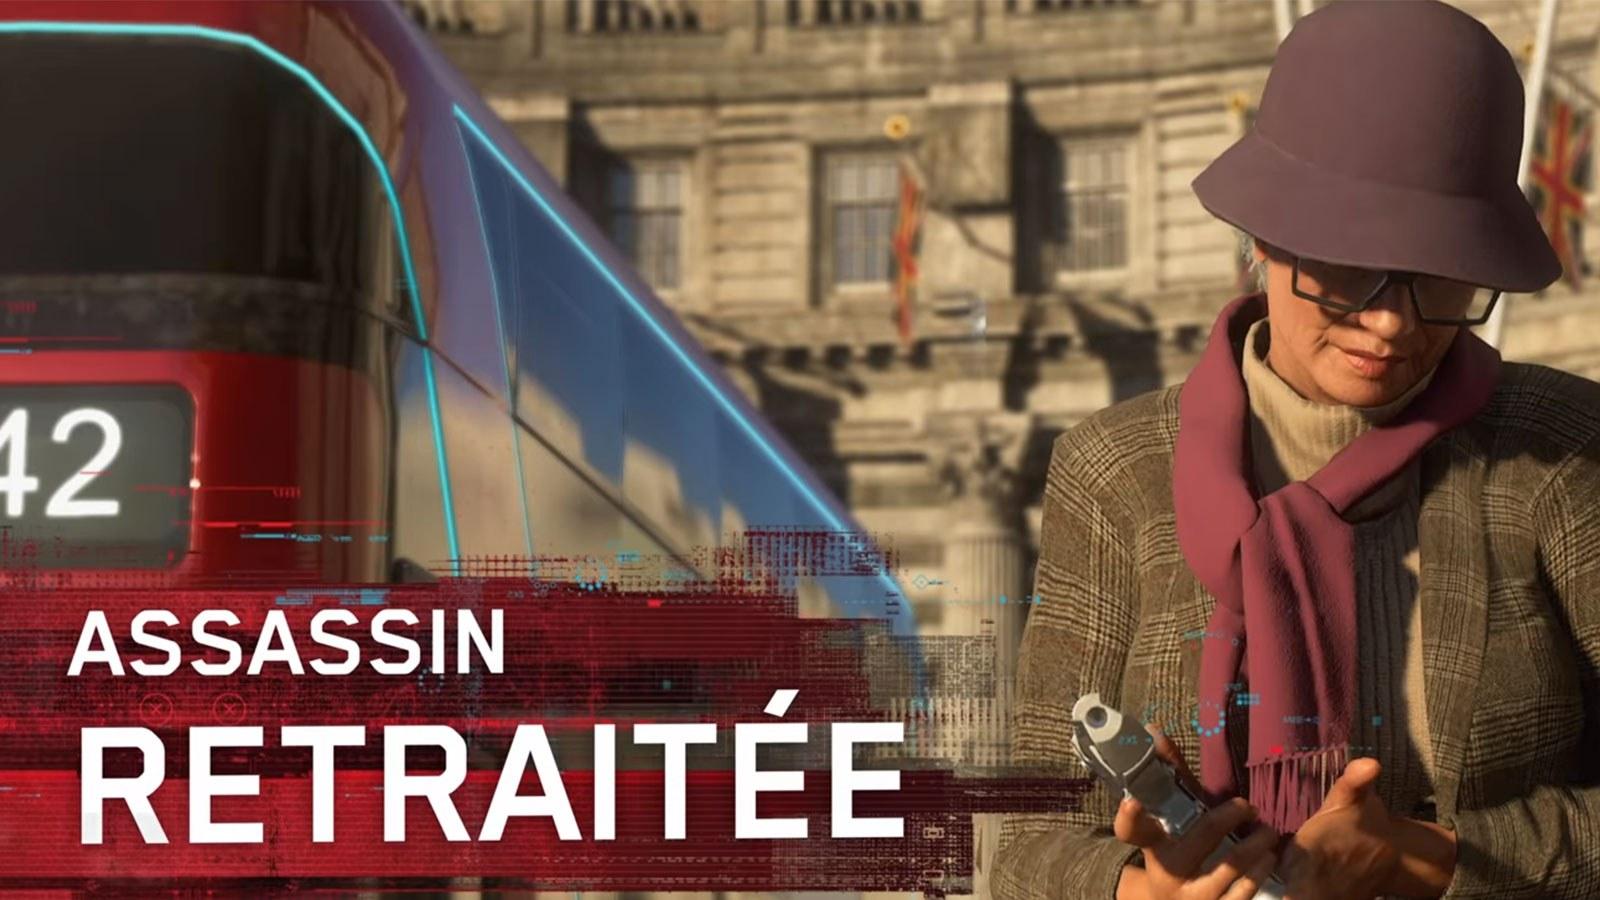 Ubisoft / YouTube